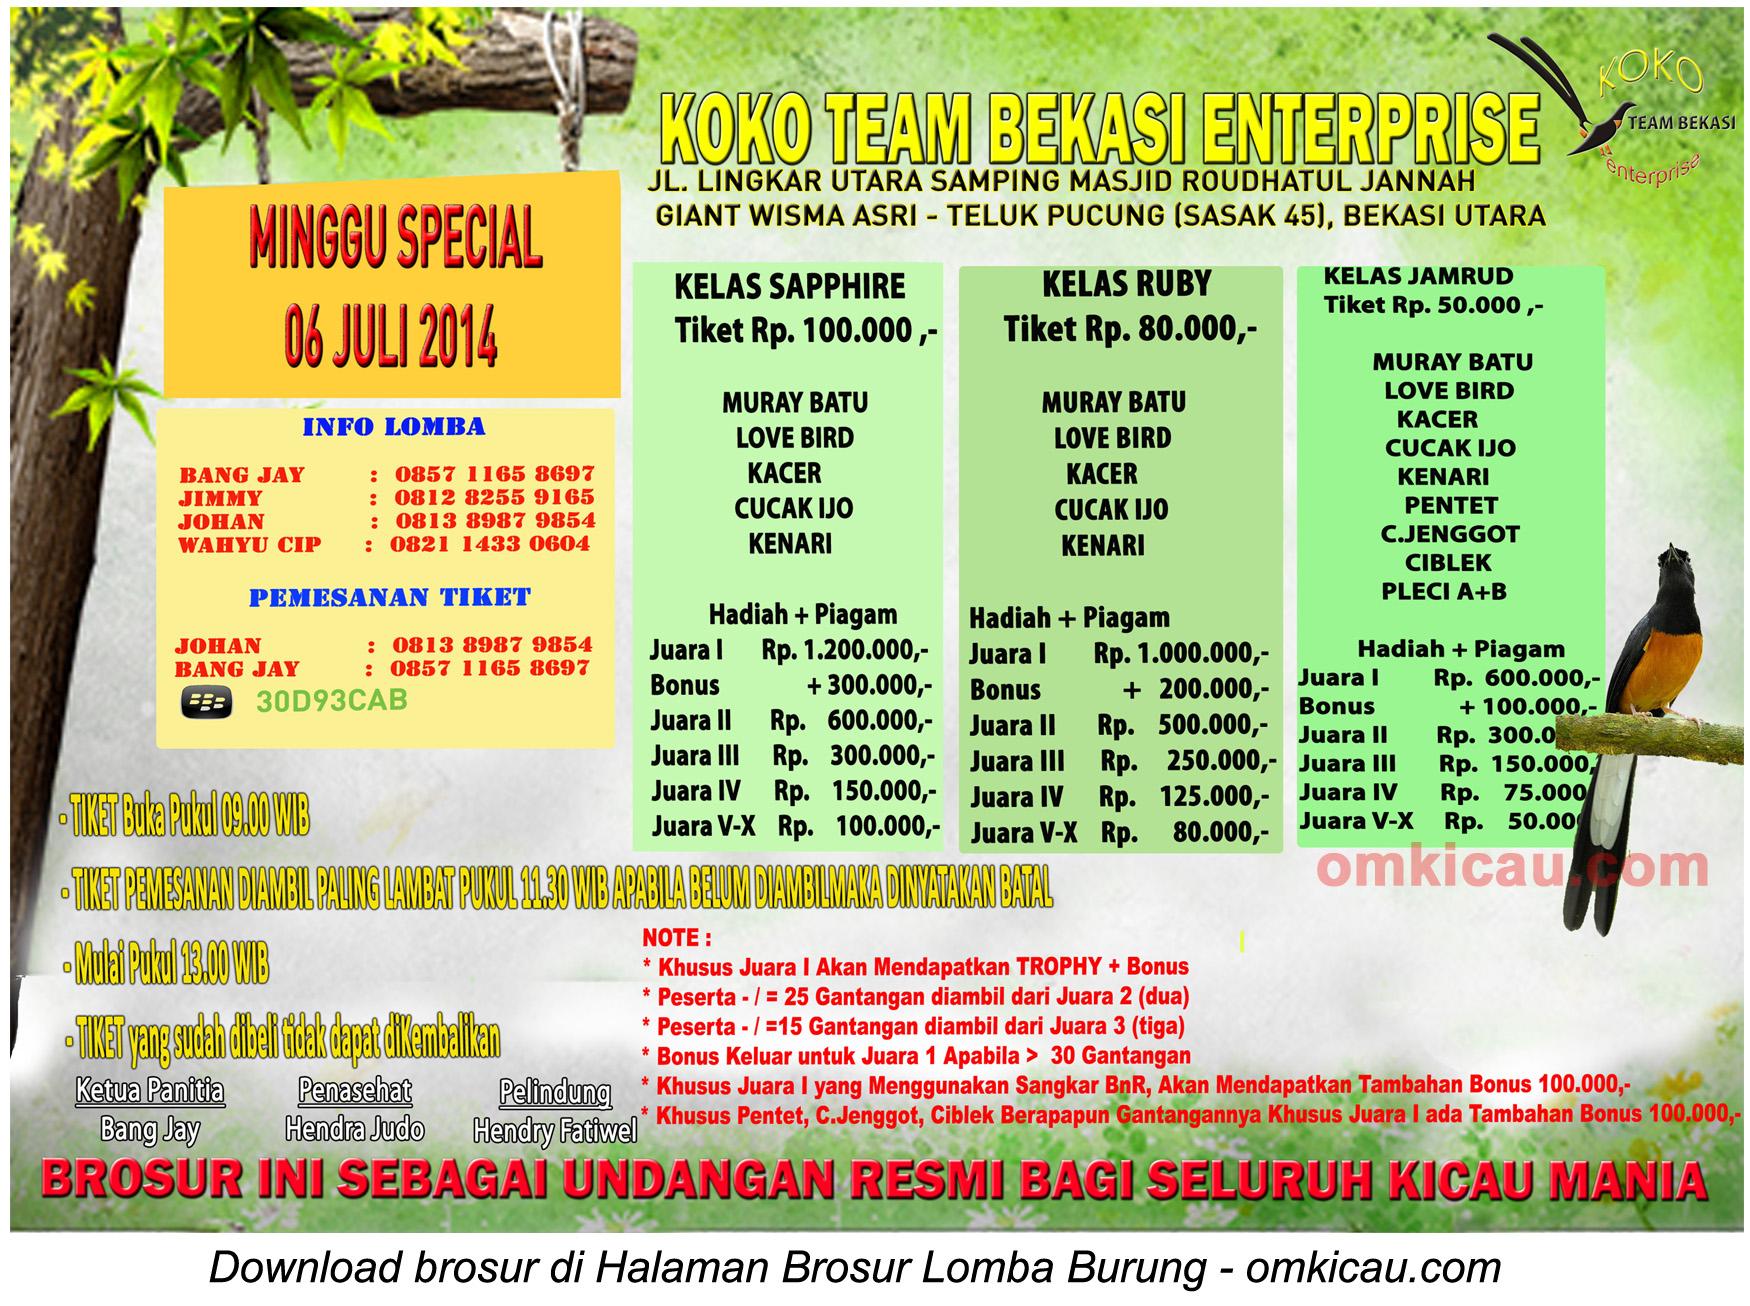 Brosur Lomba Burung Koko Team Enterprise, Bekasi, 6 Juli 2014